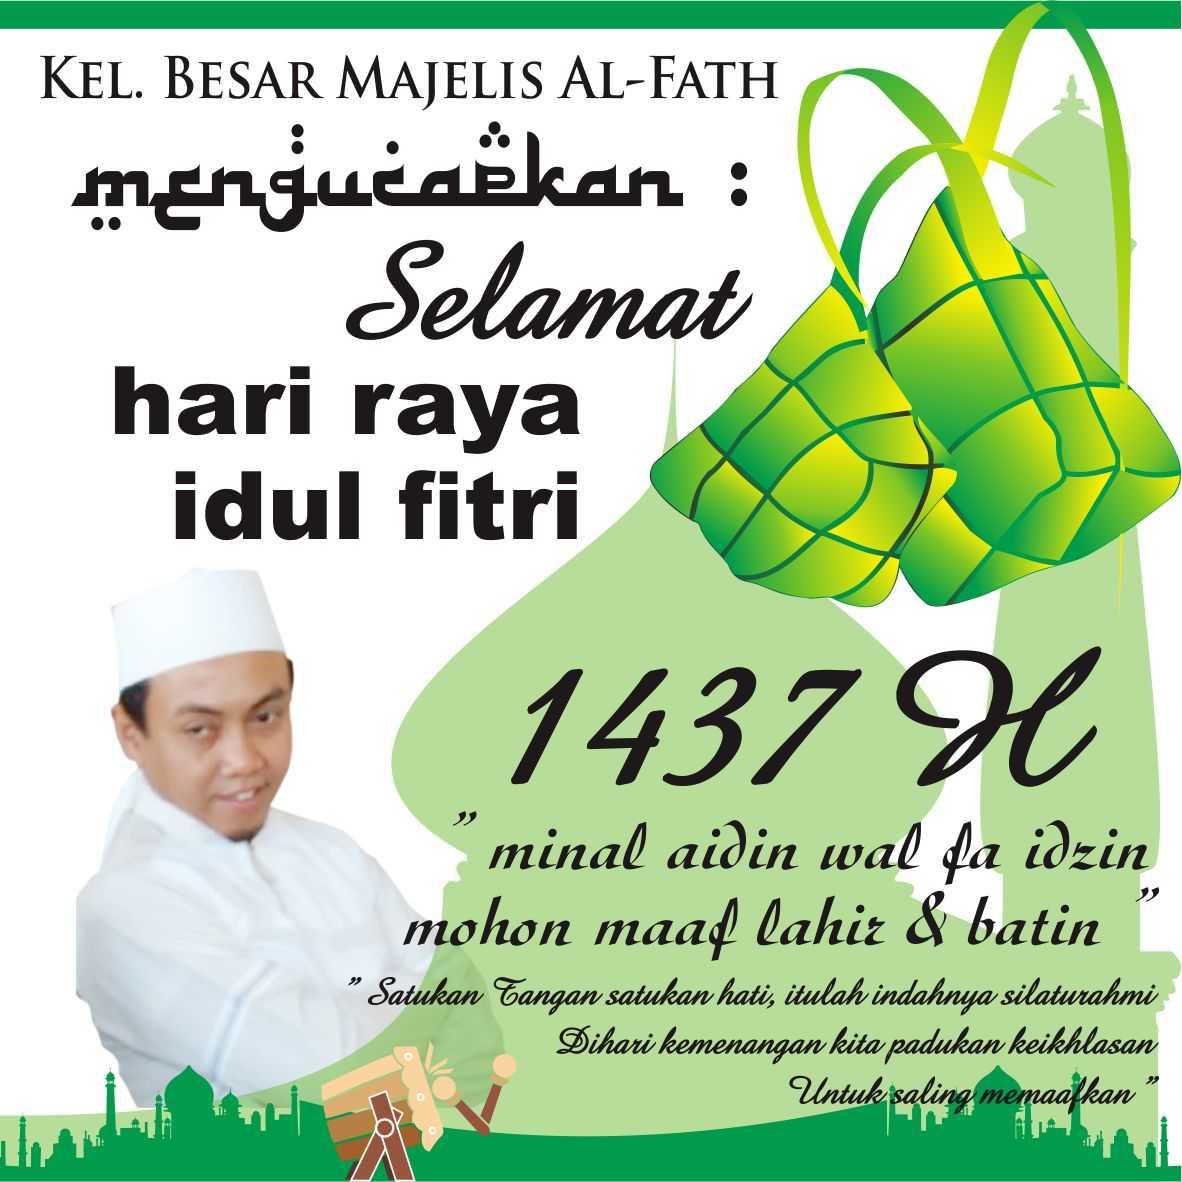 Selamat Hari Raya Idul Fitri: Selamat Hari Raya Idul Fitri 1437H